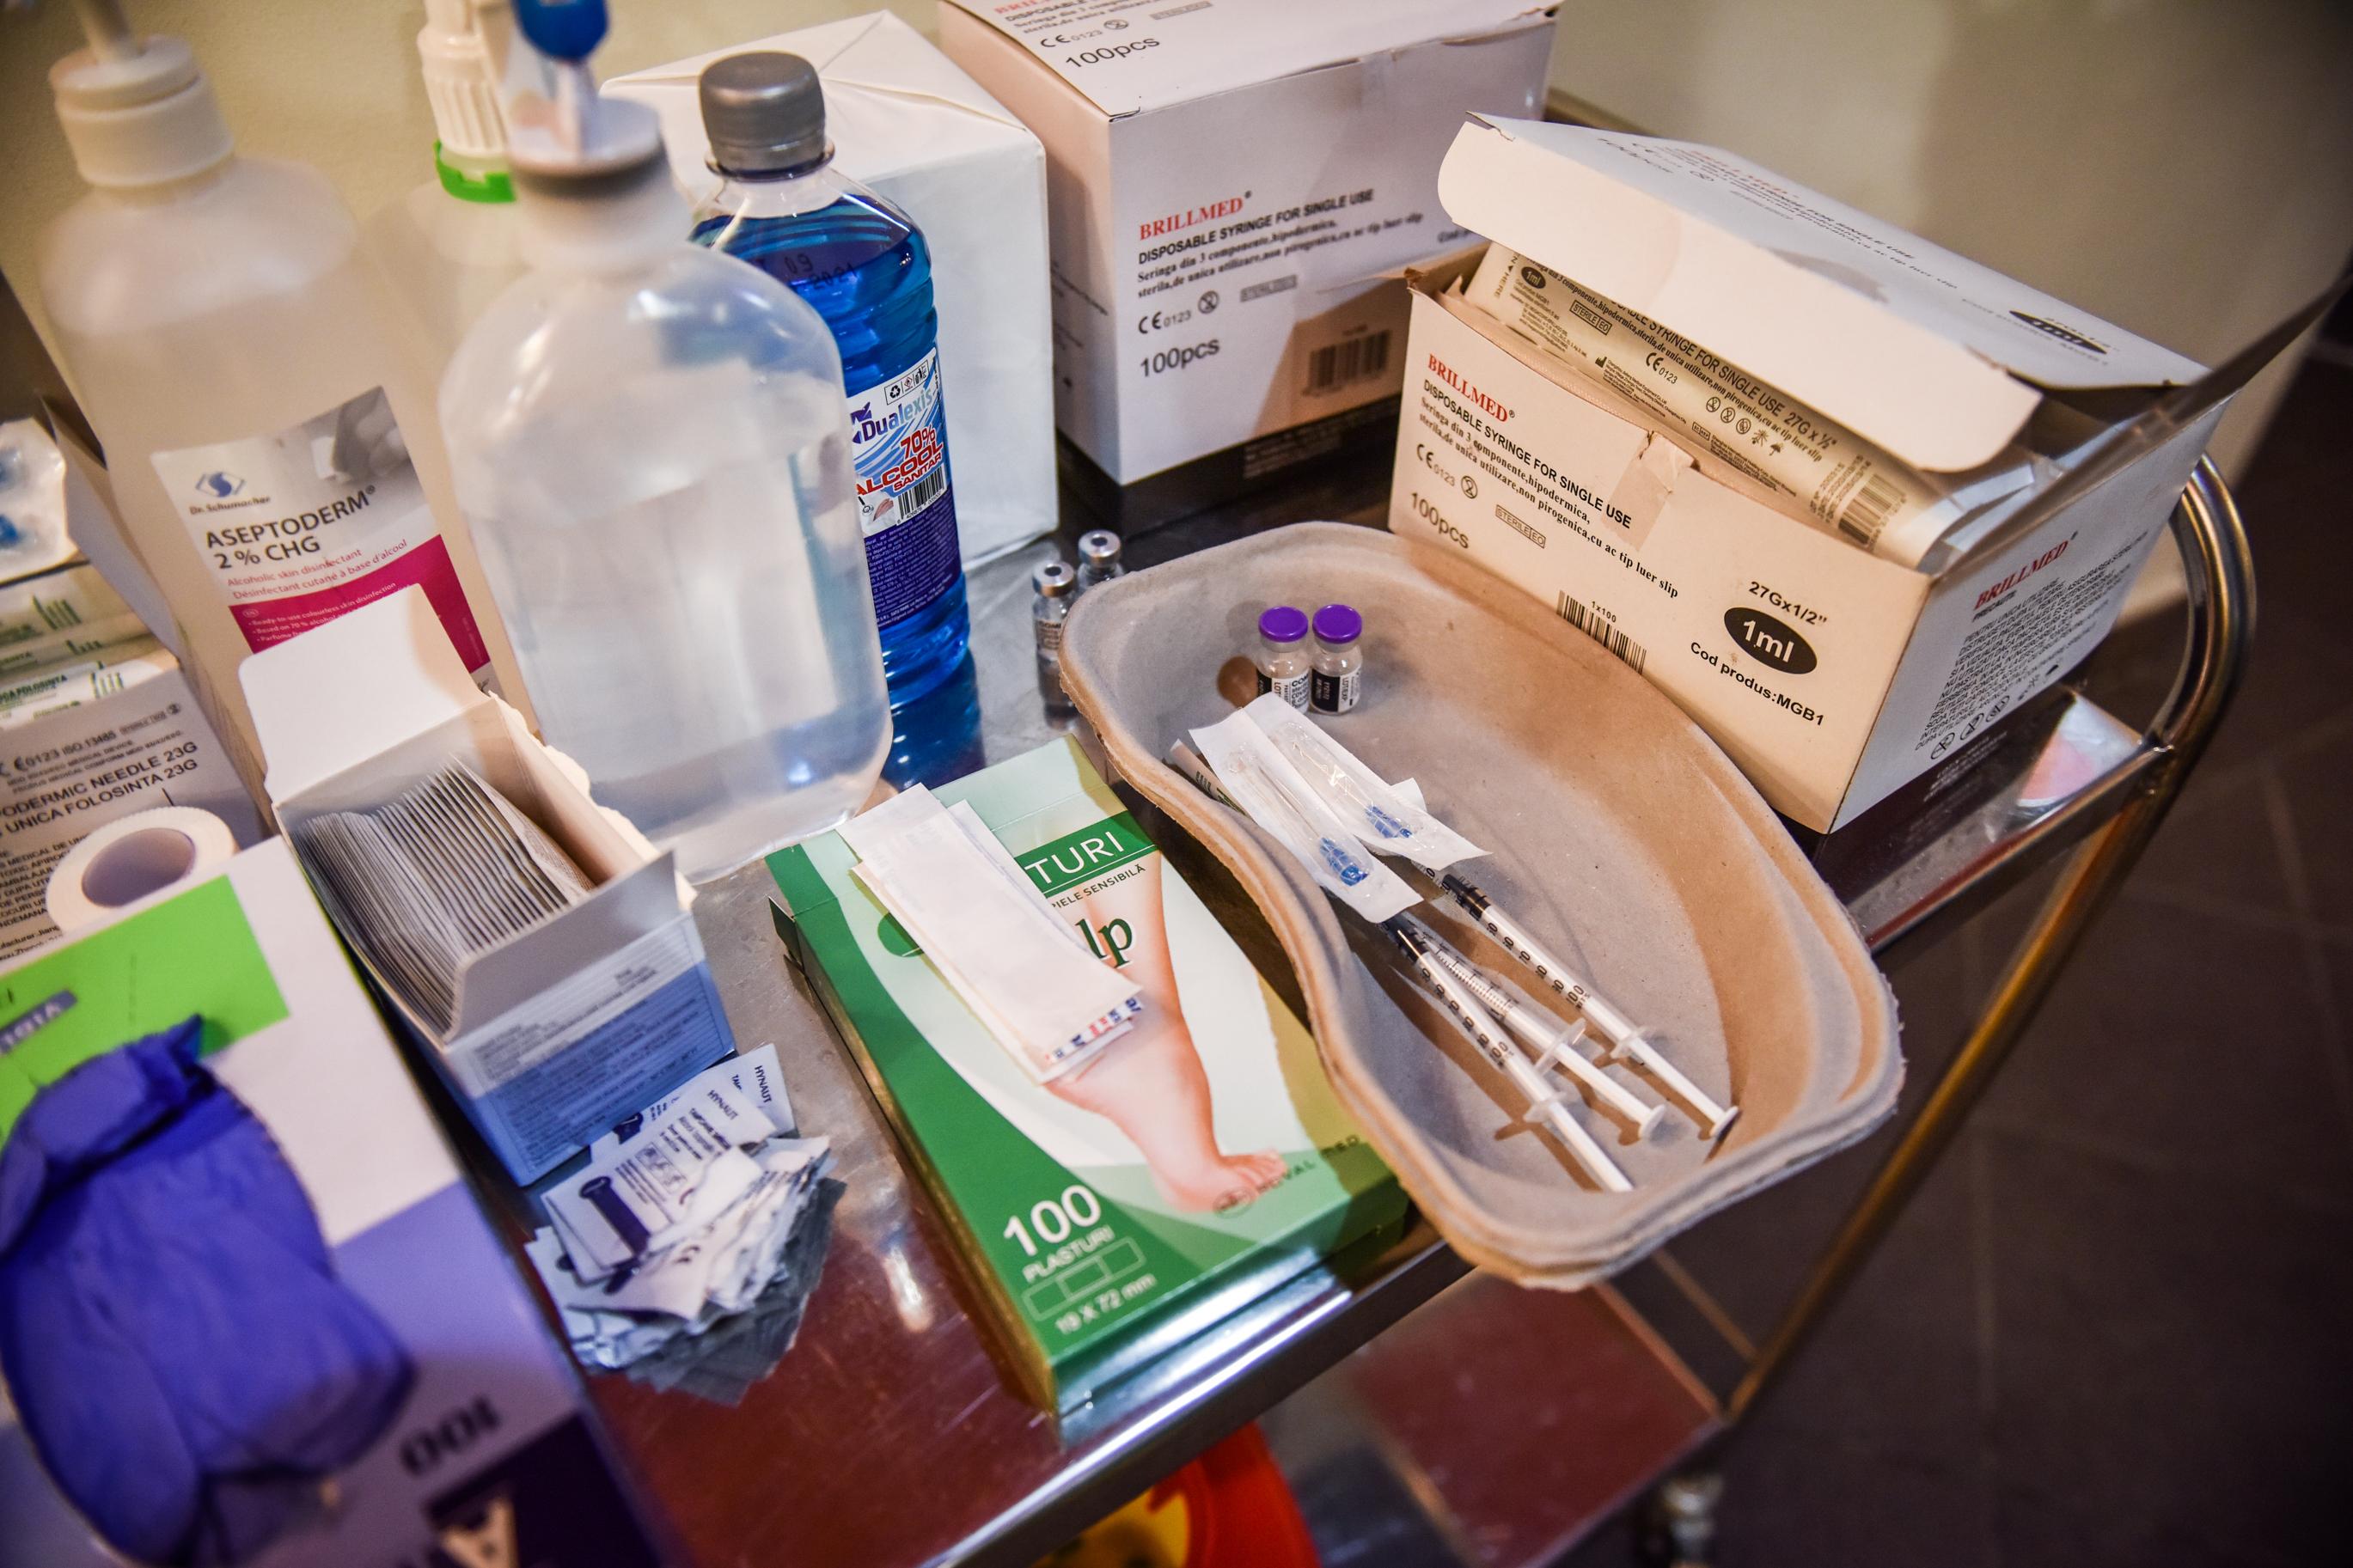 Gheorghiţă: Din 2 august, persoanele cu vârsta între 12 şi 17 ani se pot vaccina cu ser de la Moderna